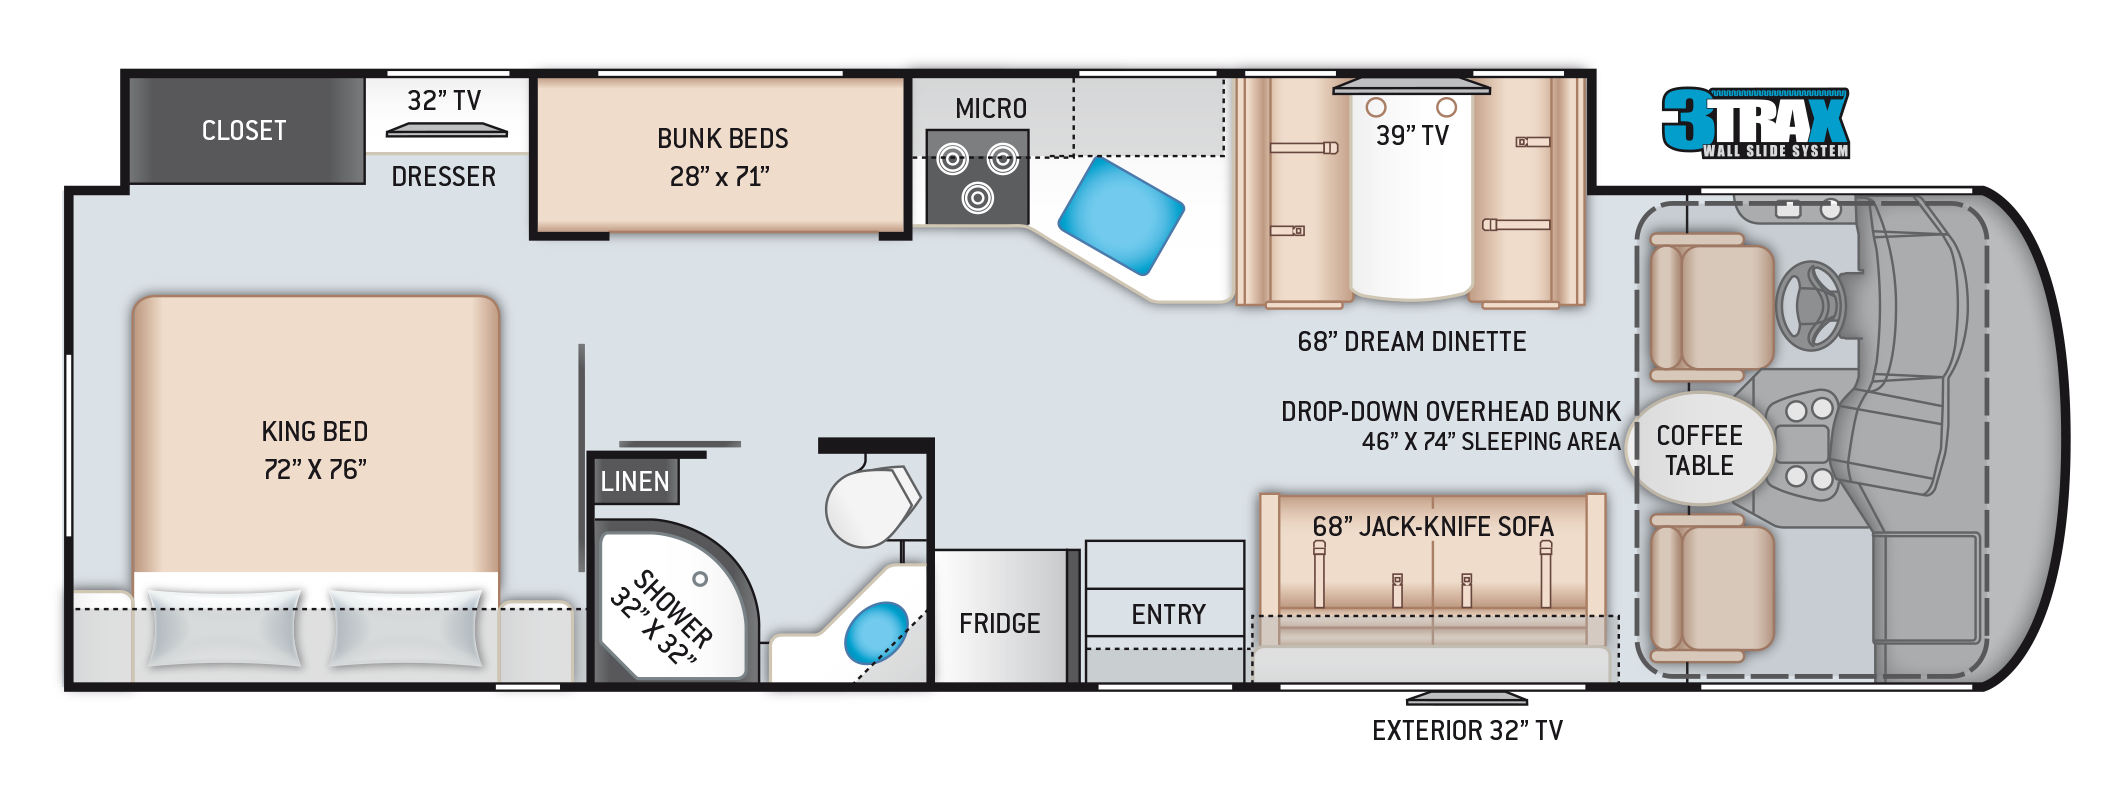 2021 A.C.E. Class A Motorhome 32.3 Floor Plan